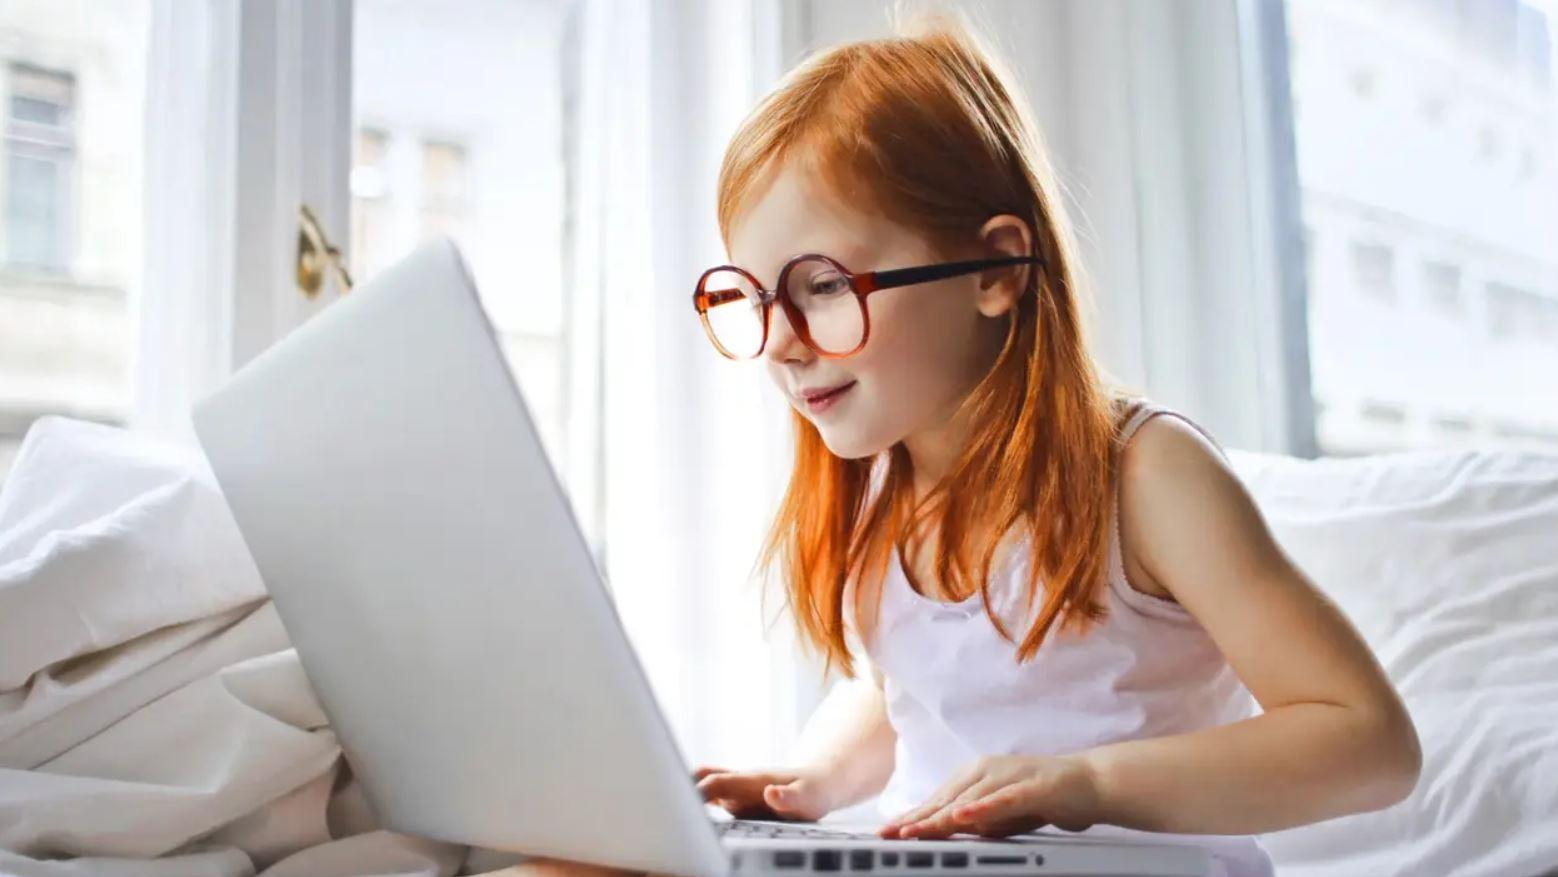 La señal Wi-Fi debe llegar con intensidad a la habitación donde estudian los niños